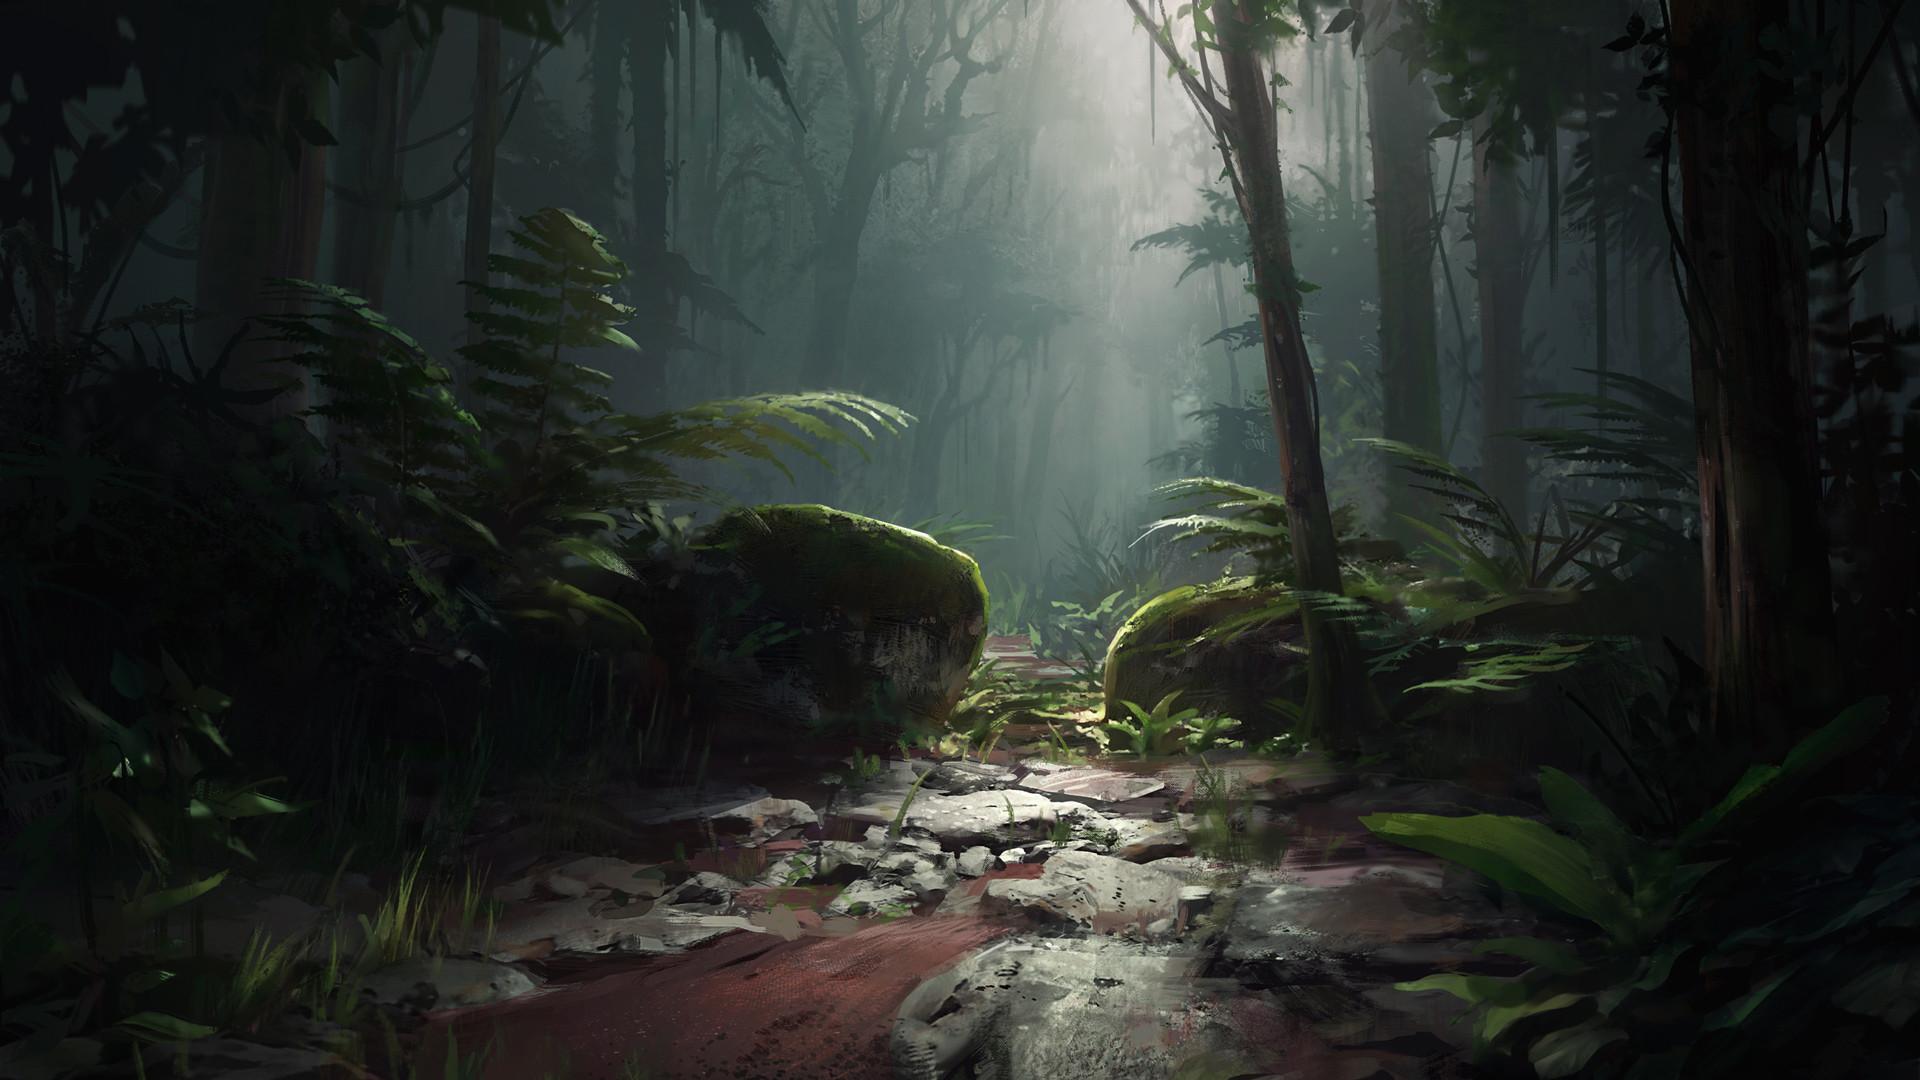 Sean vo seanvo jungle scene